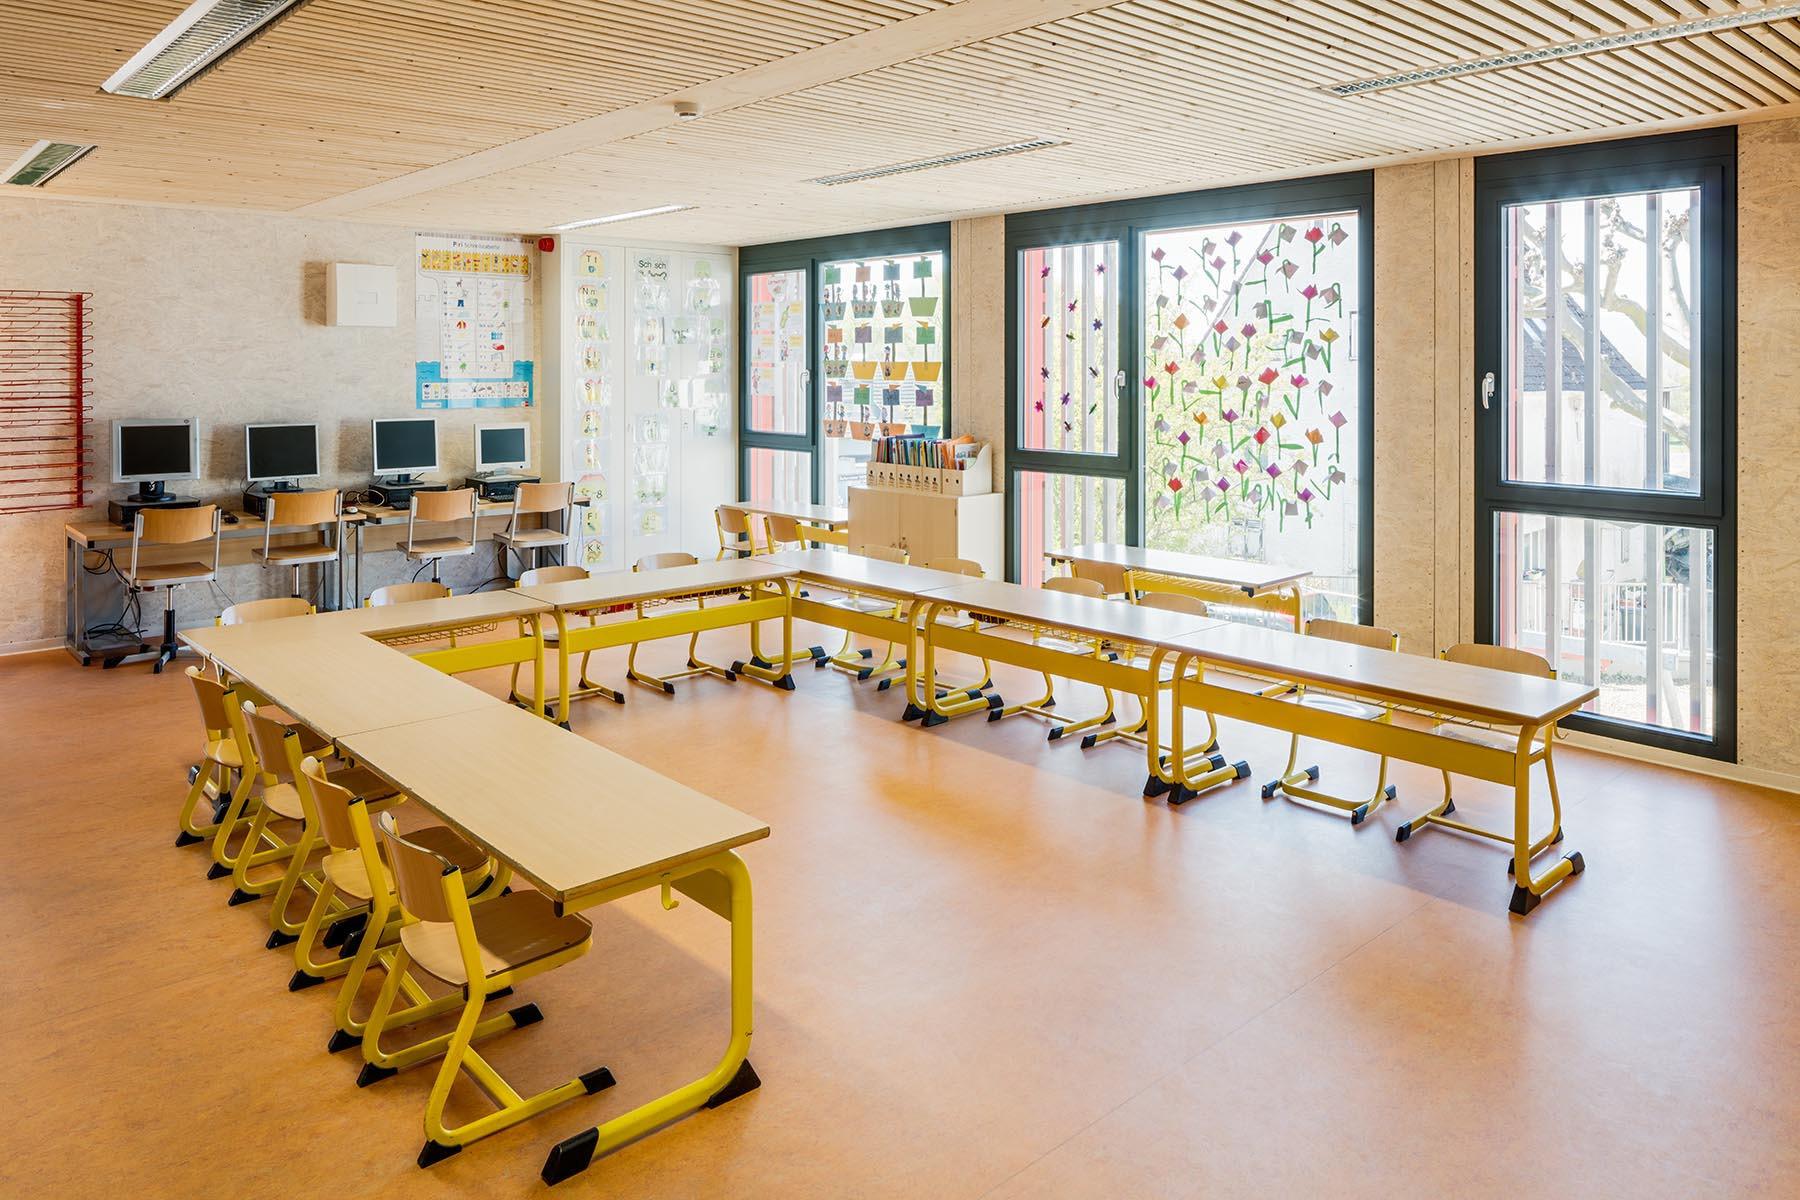 Ausgestattetes Klassenzimmer mit raumhohen Sprossenfensterelementen